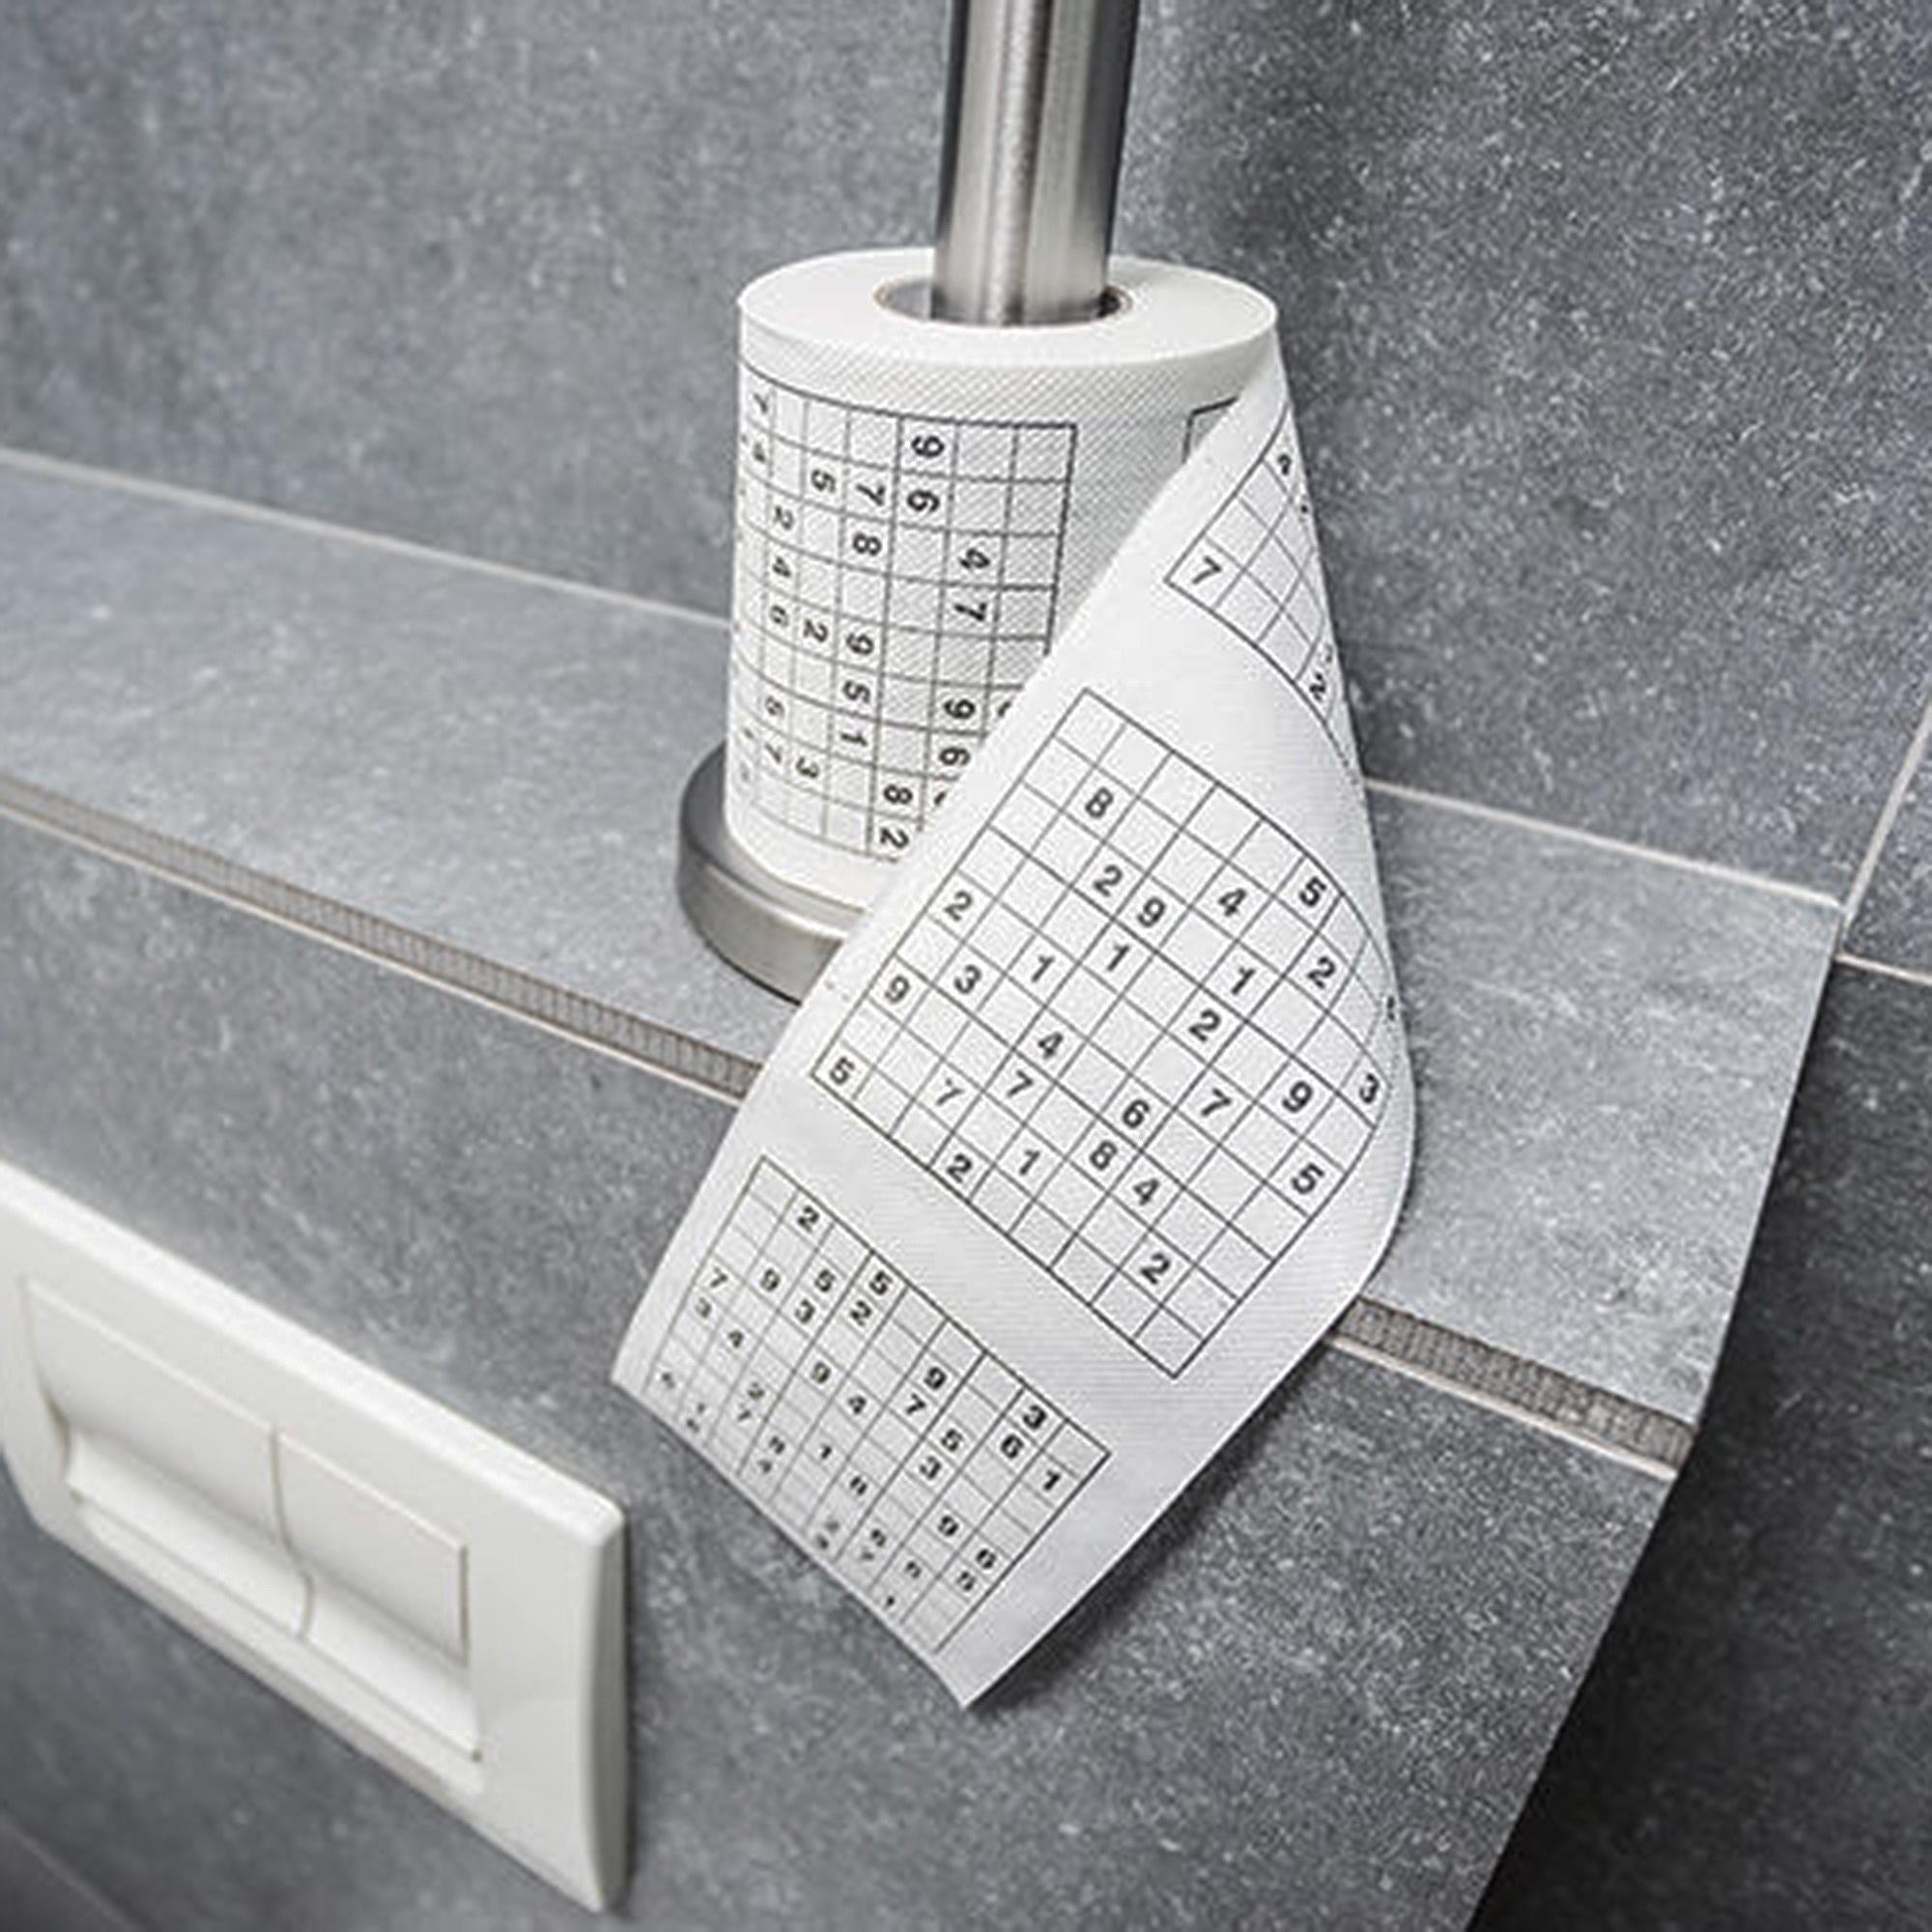 Sudoku-Toilettenpapier - 2